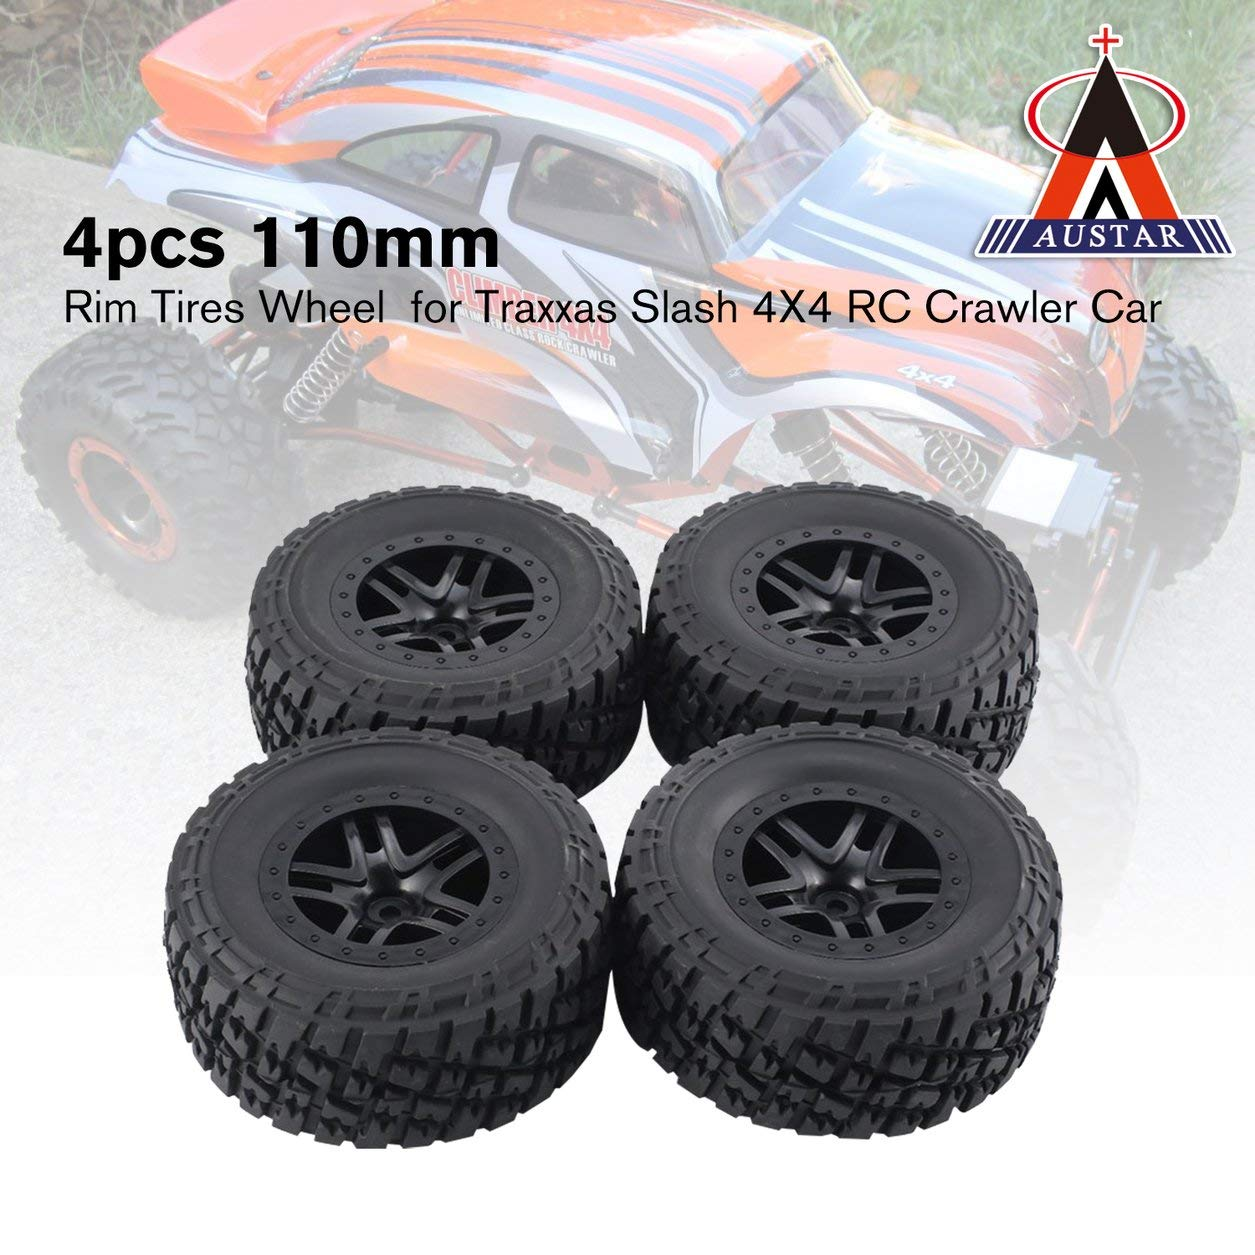 Dailyinshop Neumáticos 4pcs AUSTAR 110 mm del Borde de Goma de la Rueda de la Raya Vertical Traxxas RC 4X4 orugas de Coches: Amazon.es: Juguetes y juegos